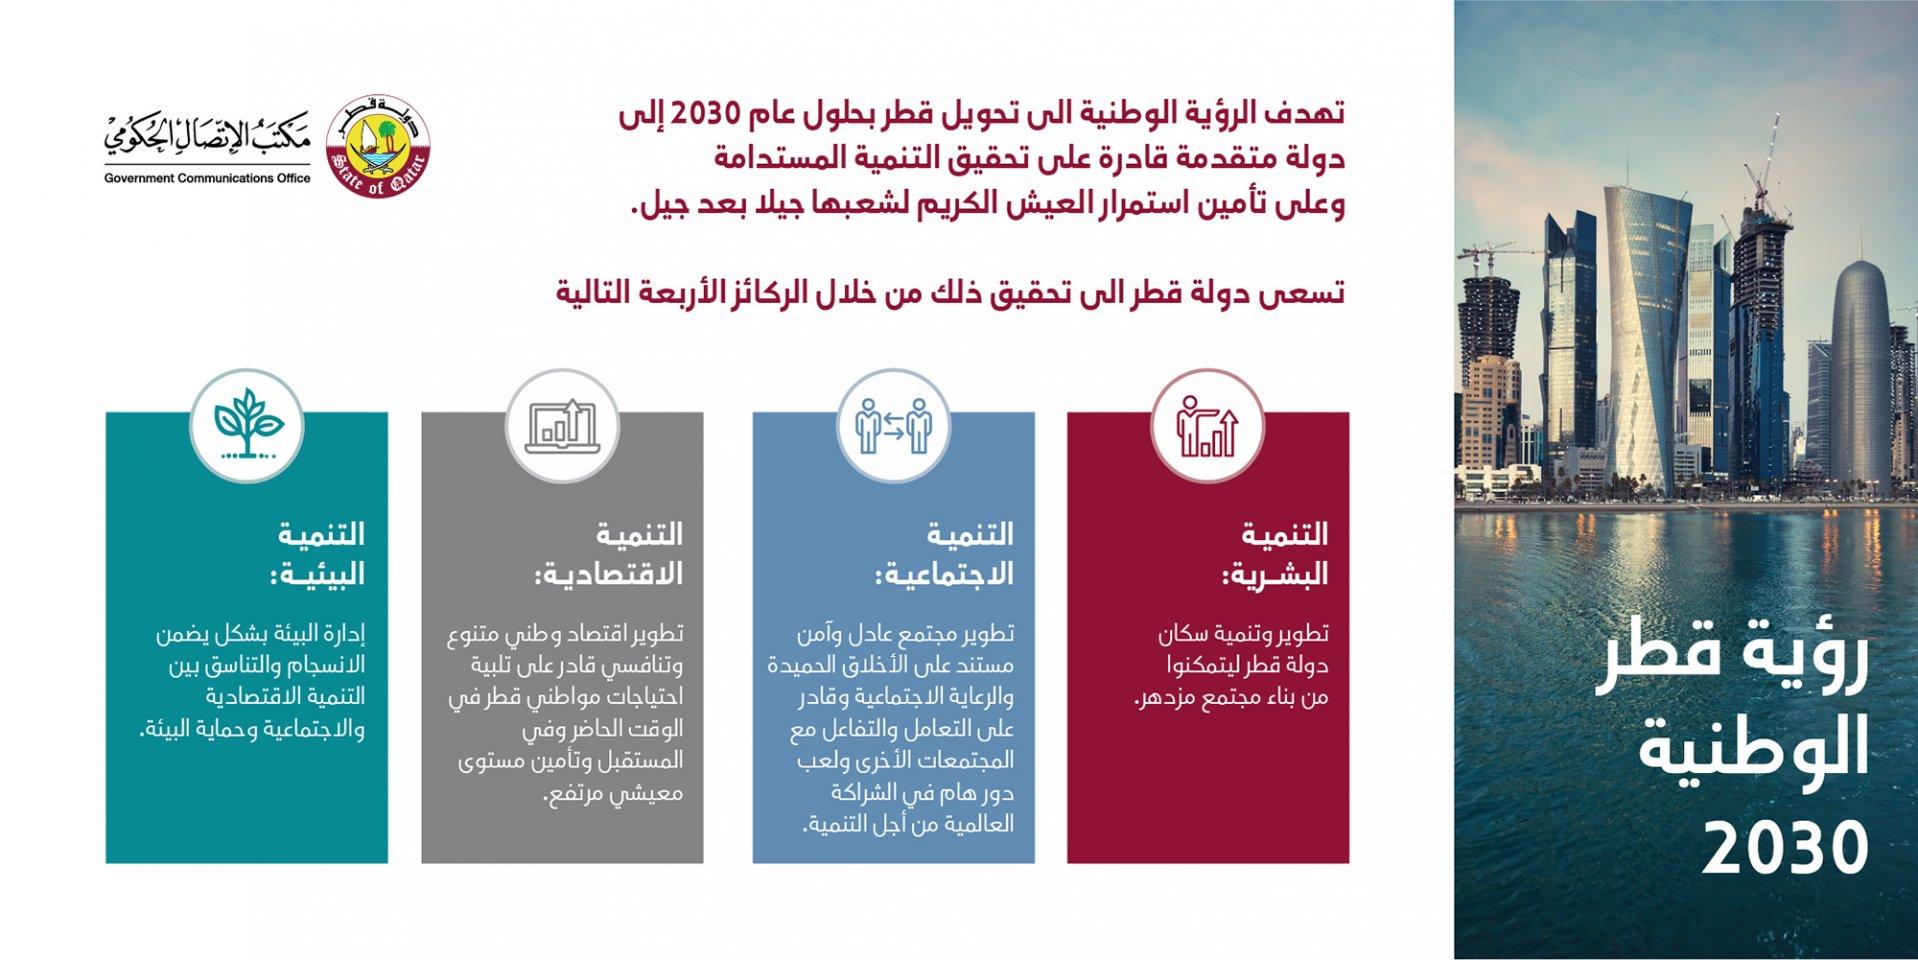 رؤية قطر الوطنية ٢٠٣٠